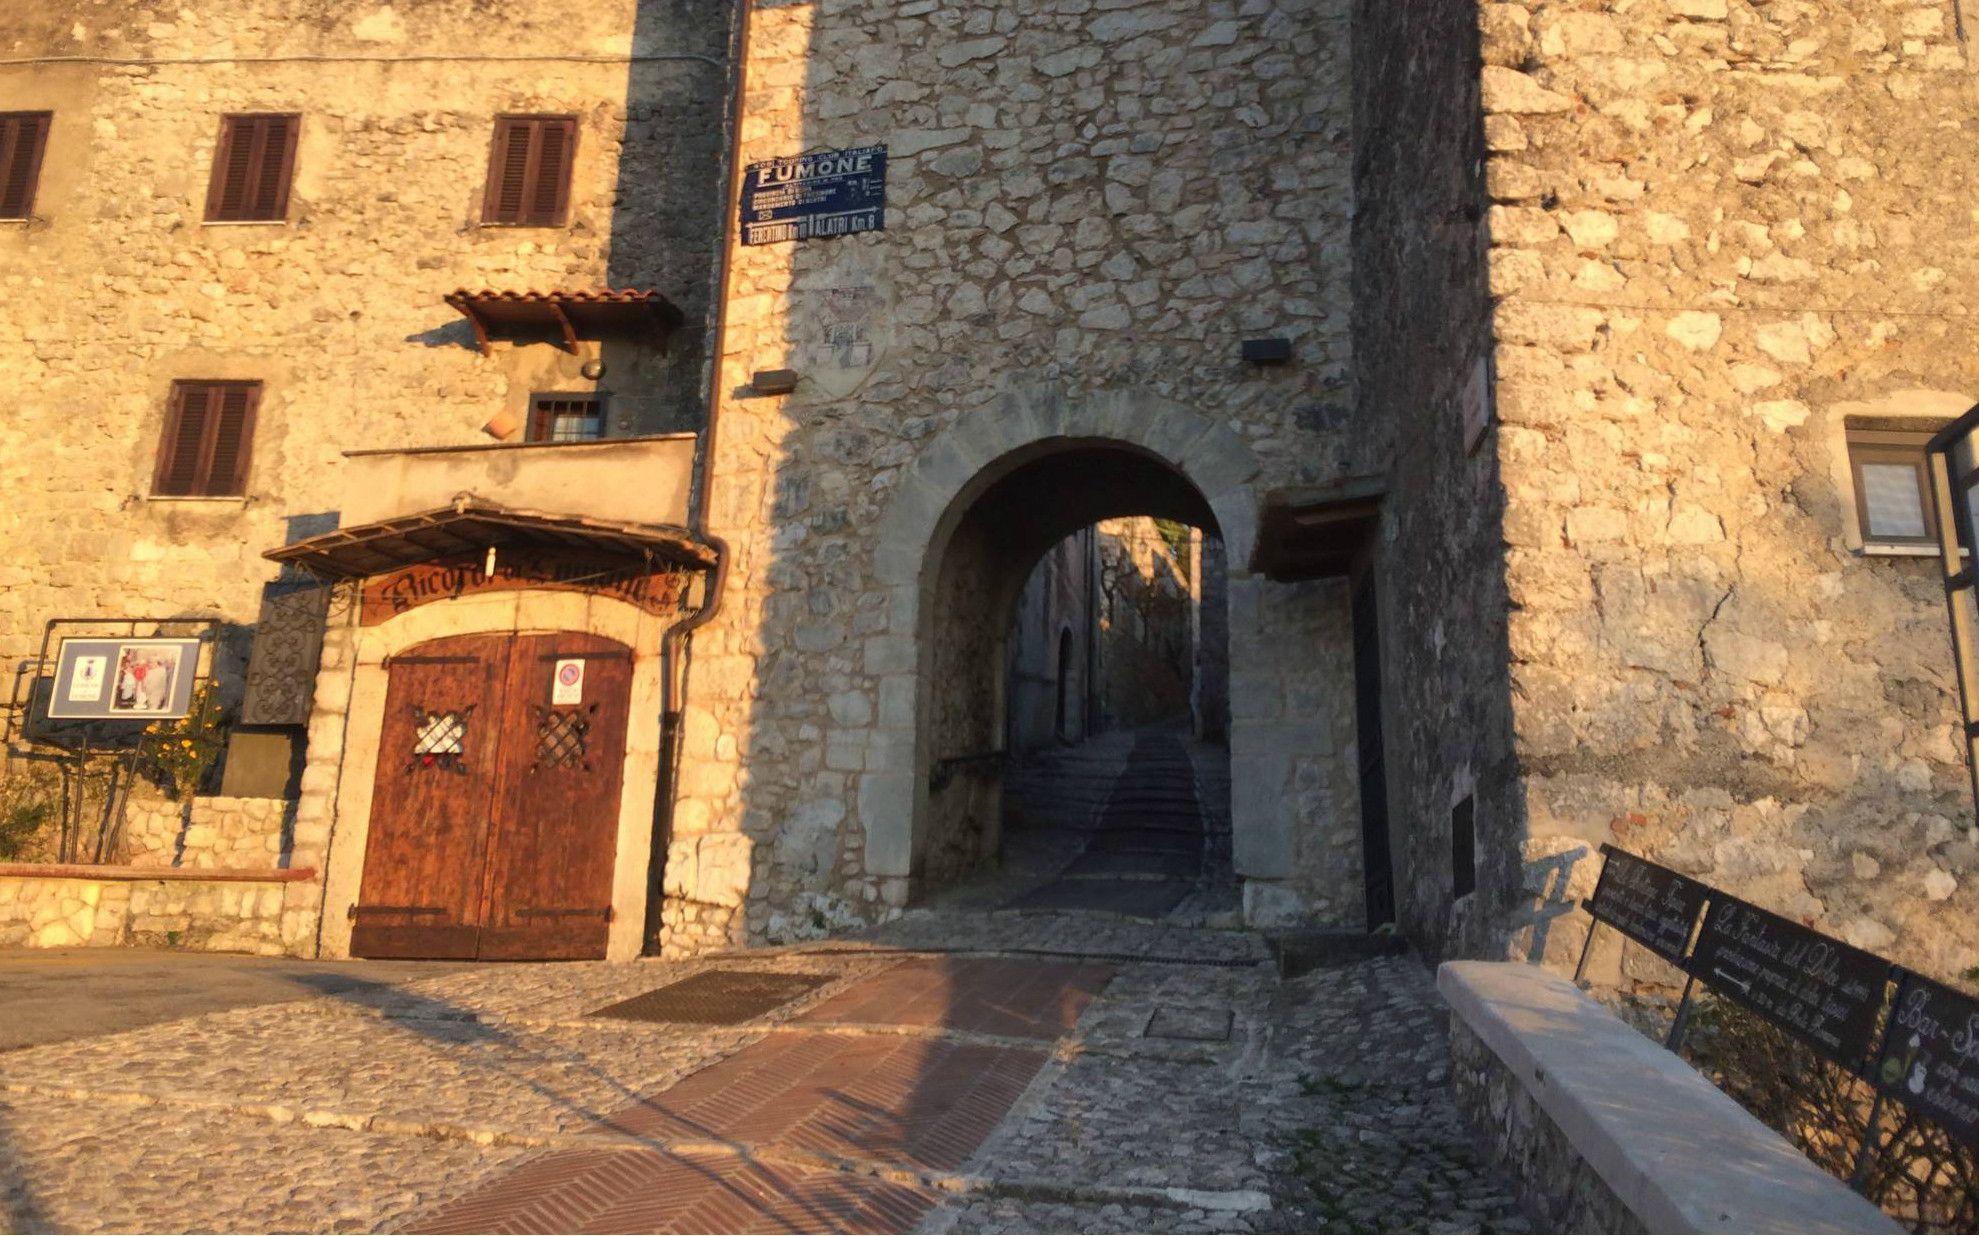 Il Castello di Fumone e le sue storie | http://www.viaggideimesupi.com/2017/04/04/castello-di-fumone/ #lazio #italy #travel #viaggi